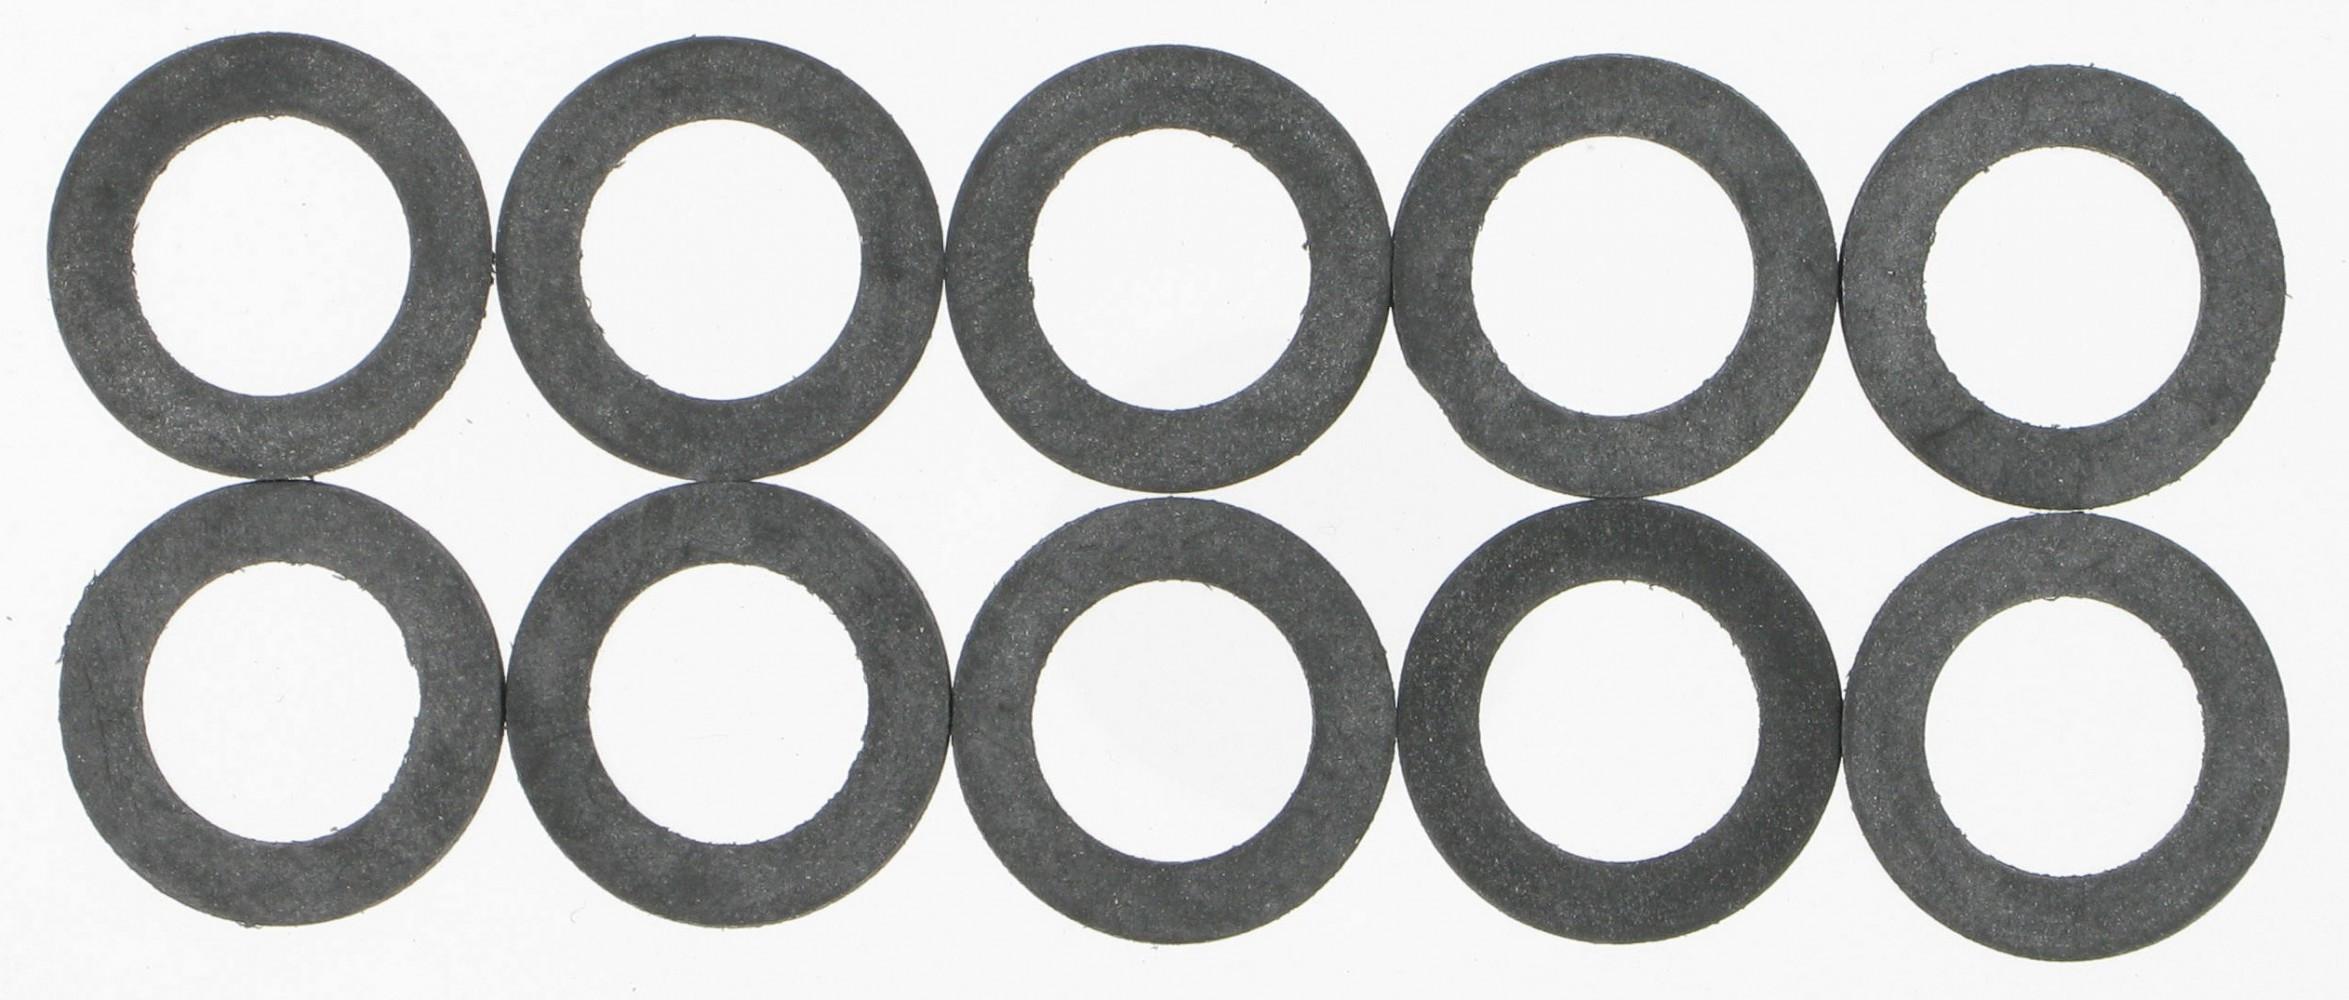 Lot de 10 joints caoutchouc, 15/21 mm COMAP